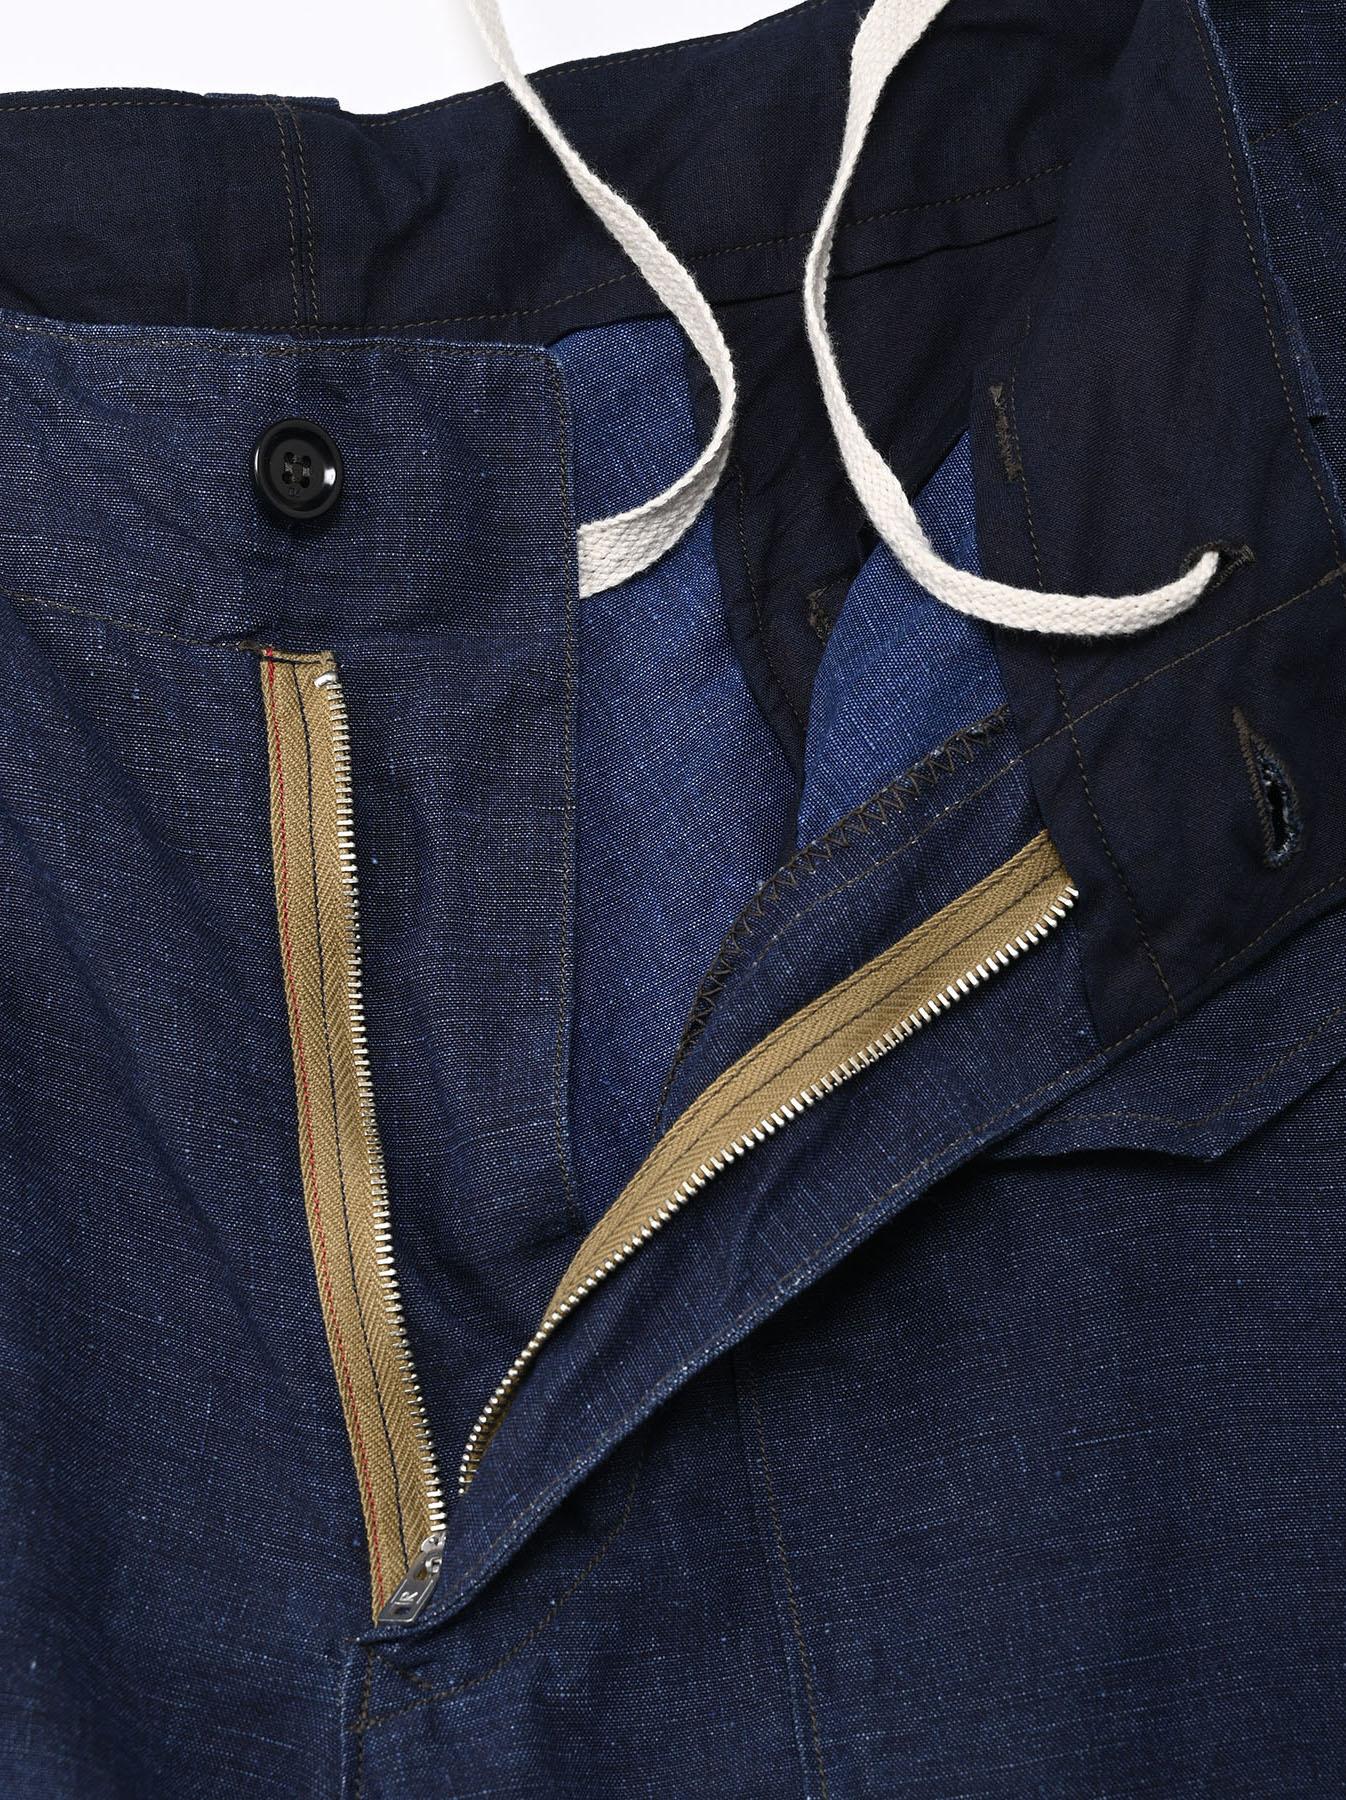 Indigo Nou Linen 908 Easy Sail Shorts (0721)-6